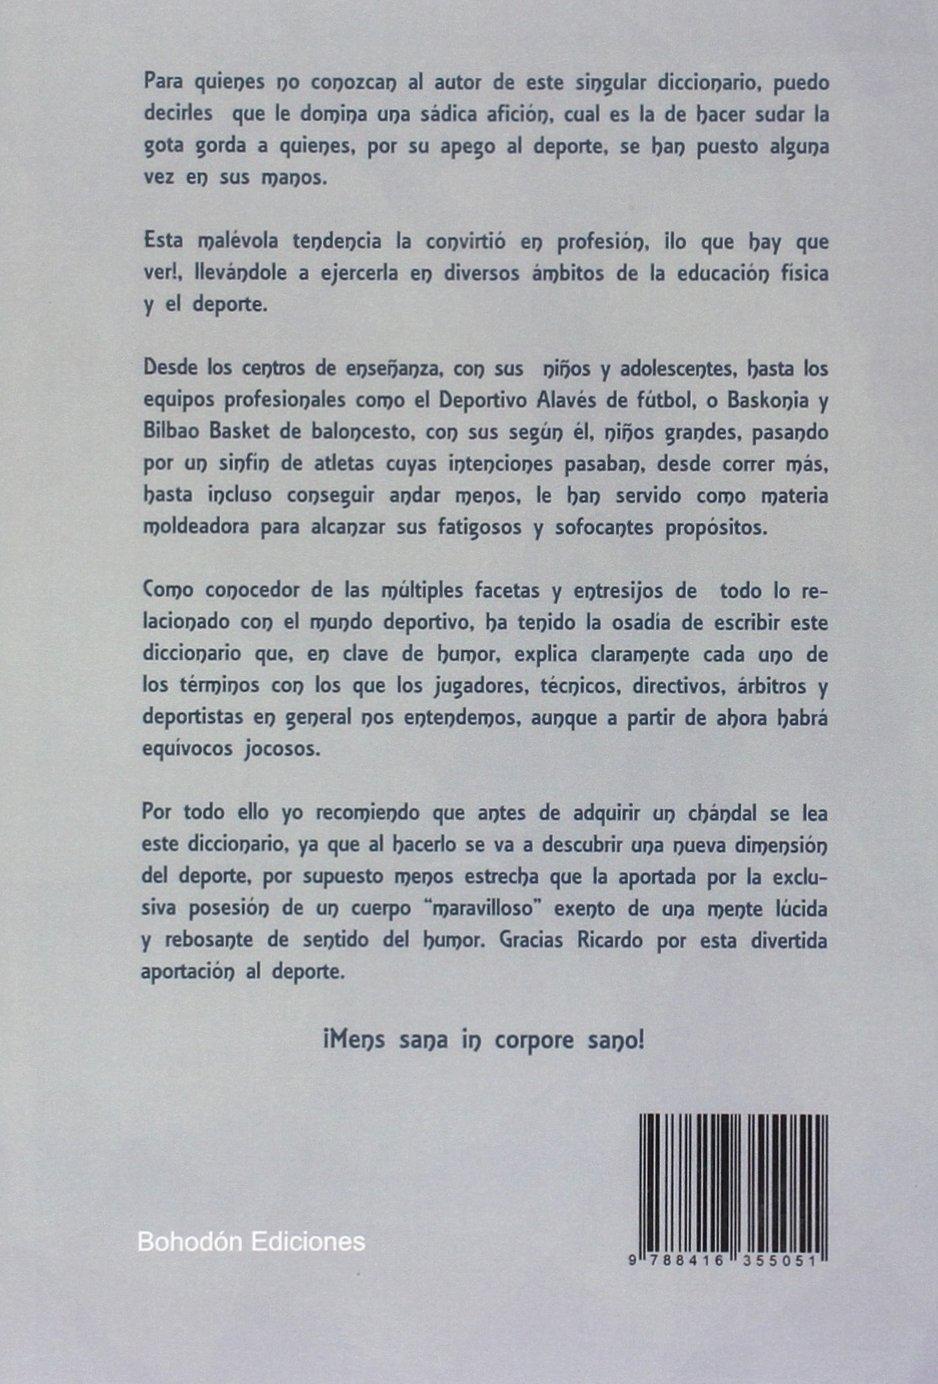 Diccionario Humorístico Deportivo (Bohodón Ediciones): Amazon.es ...